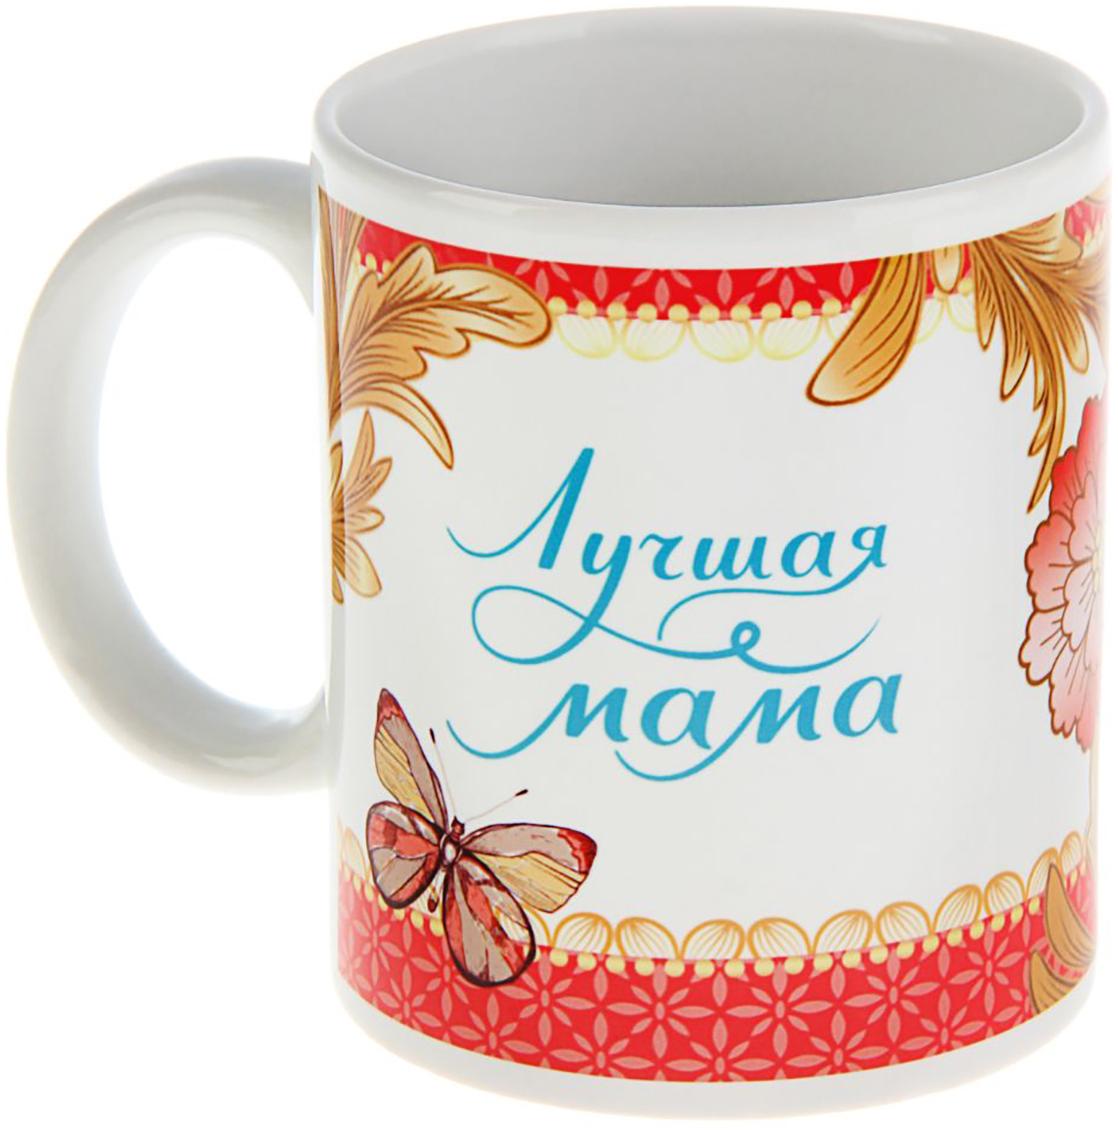 Кружка Sima-Land Лучшая мама, 330 мл1325347Кружка Sima-Land — лучший подарок. Это замечательный и памятный подарок на любой случай. Он с любовью создан нашими дизайнерами специально для ценителей чая. Интересный дизайн и благородные цвета будут радовать ее обладателя долгие годы. Изображение нанесено с помощью сублимации, поэтому устойчиво к воздействию моющих средств и не подвержено выгоранию на солнце. Соберите коллекцию для всей семьи, тогда каждое чаепитие в кругу родных превратится в настоящую церемонию.